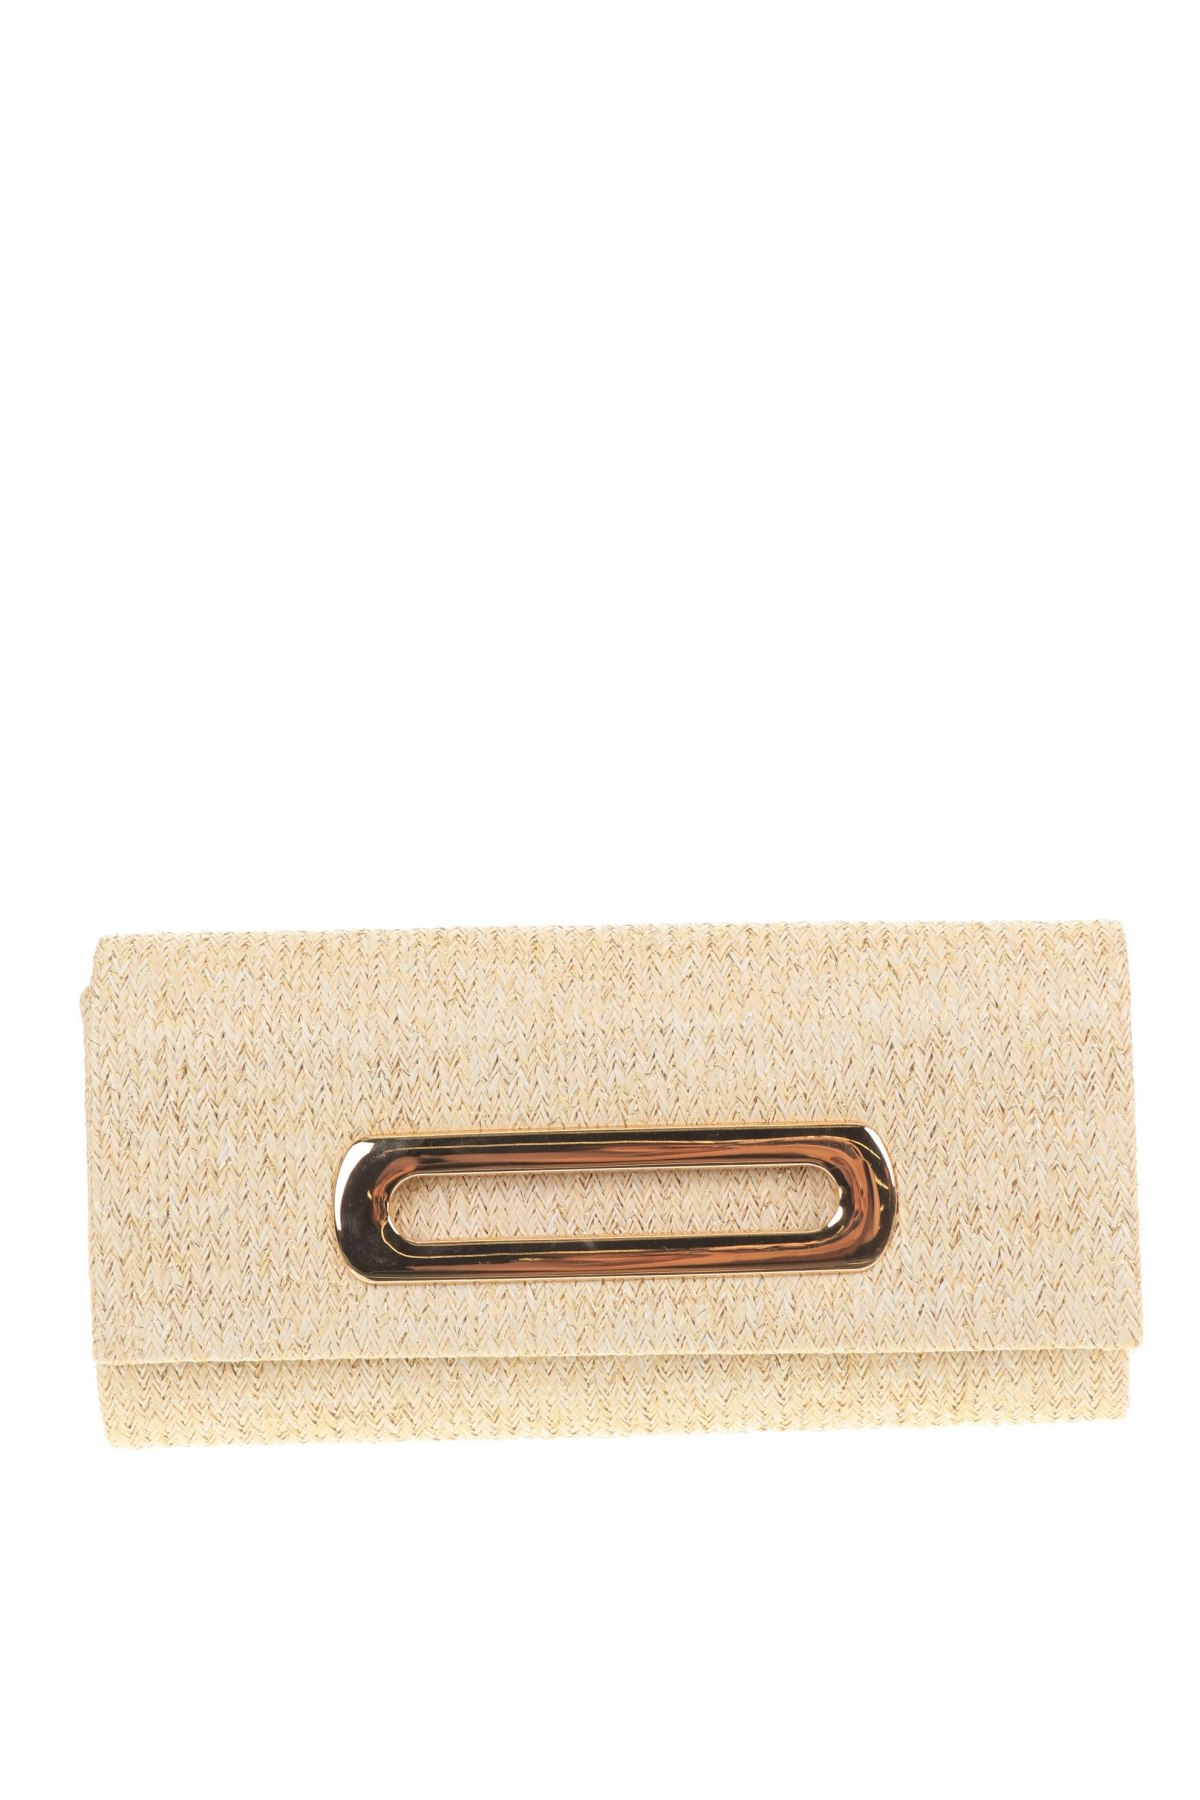 Дамска чанта Verde, Цвят Екрю, Текстил, Цена 8,85лв.